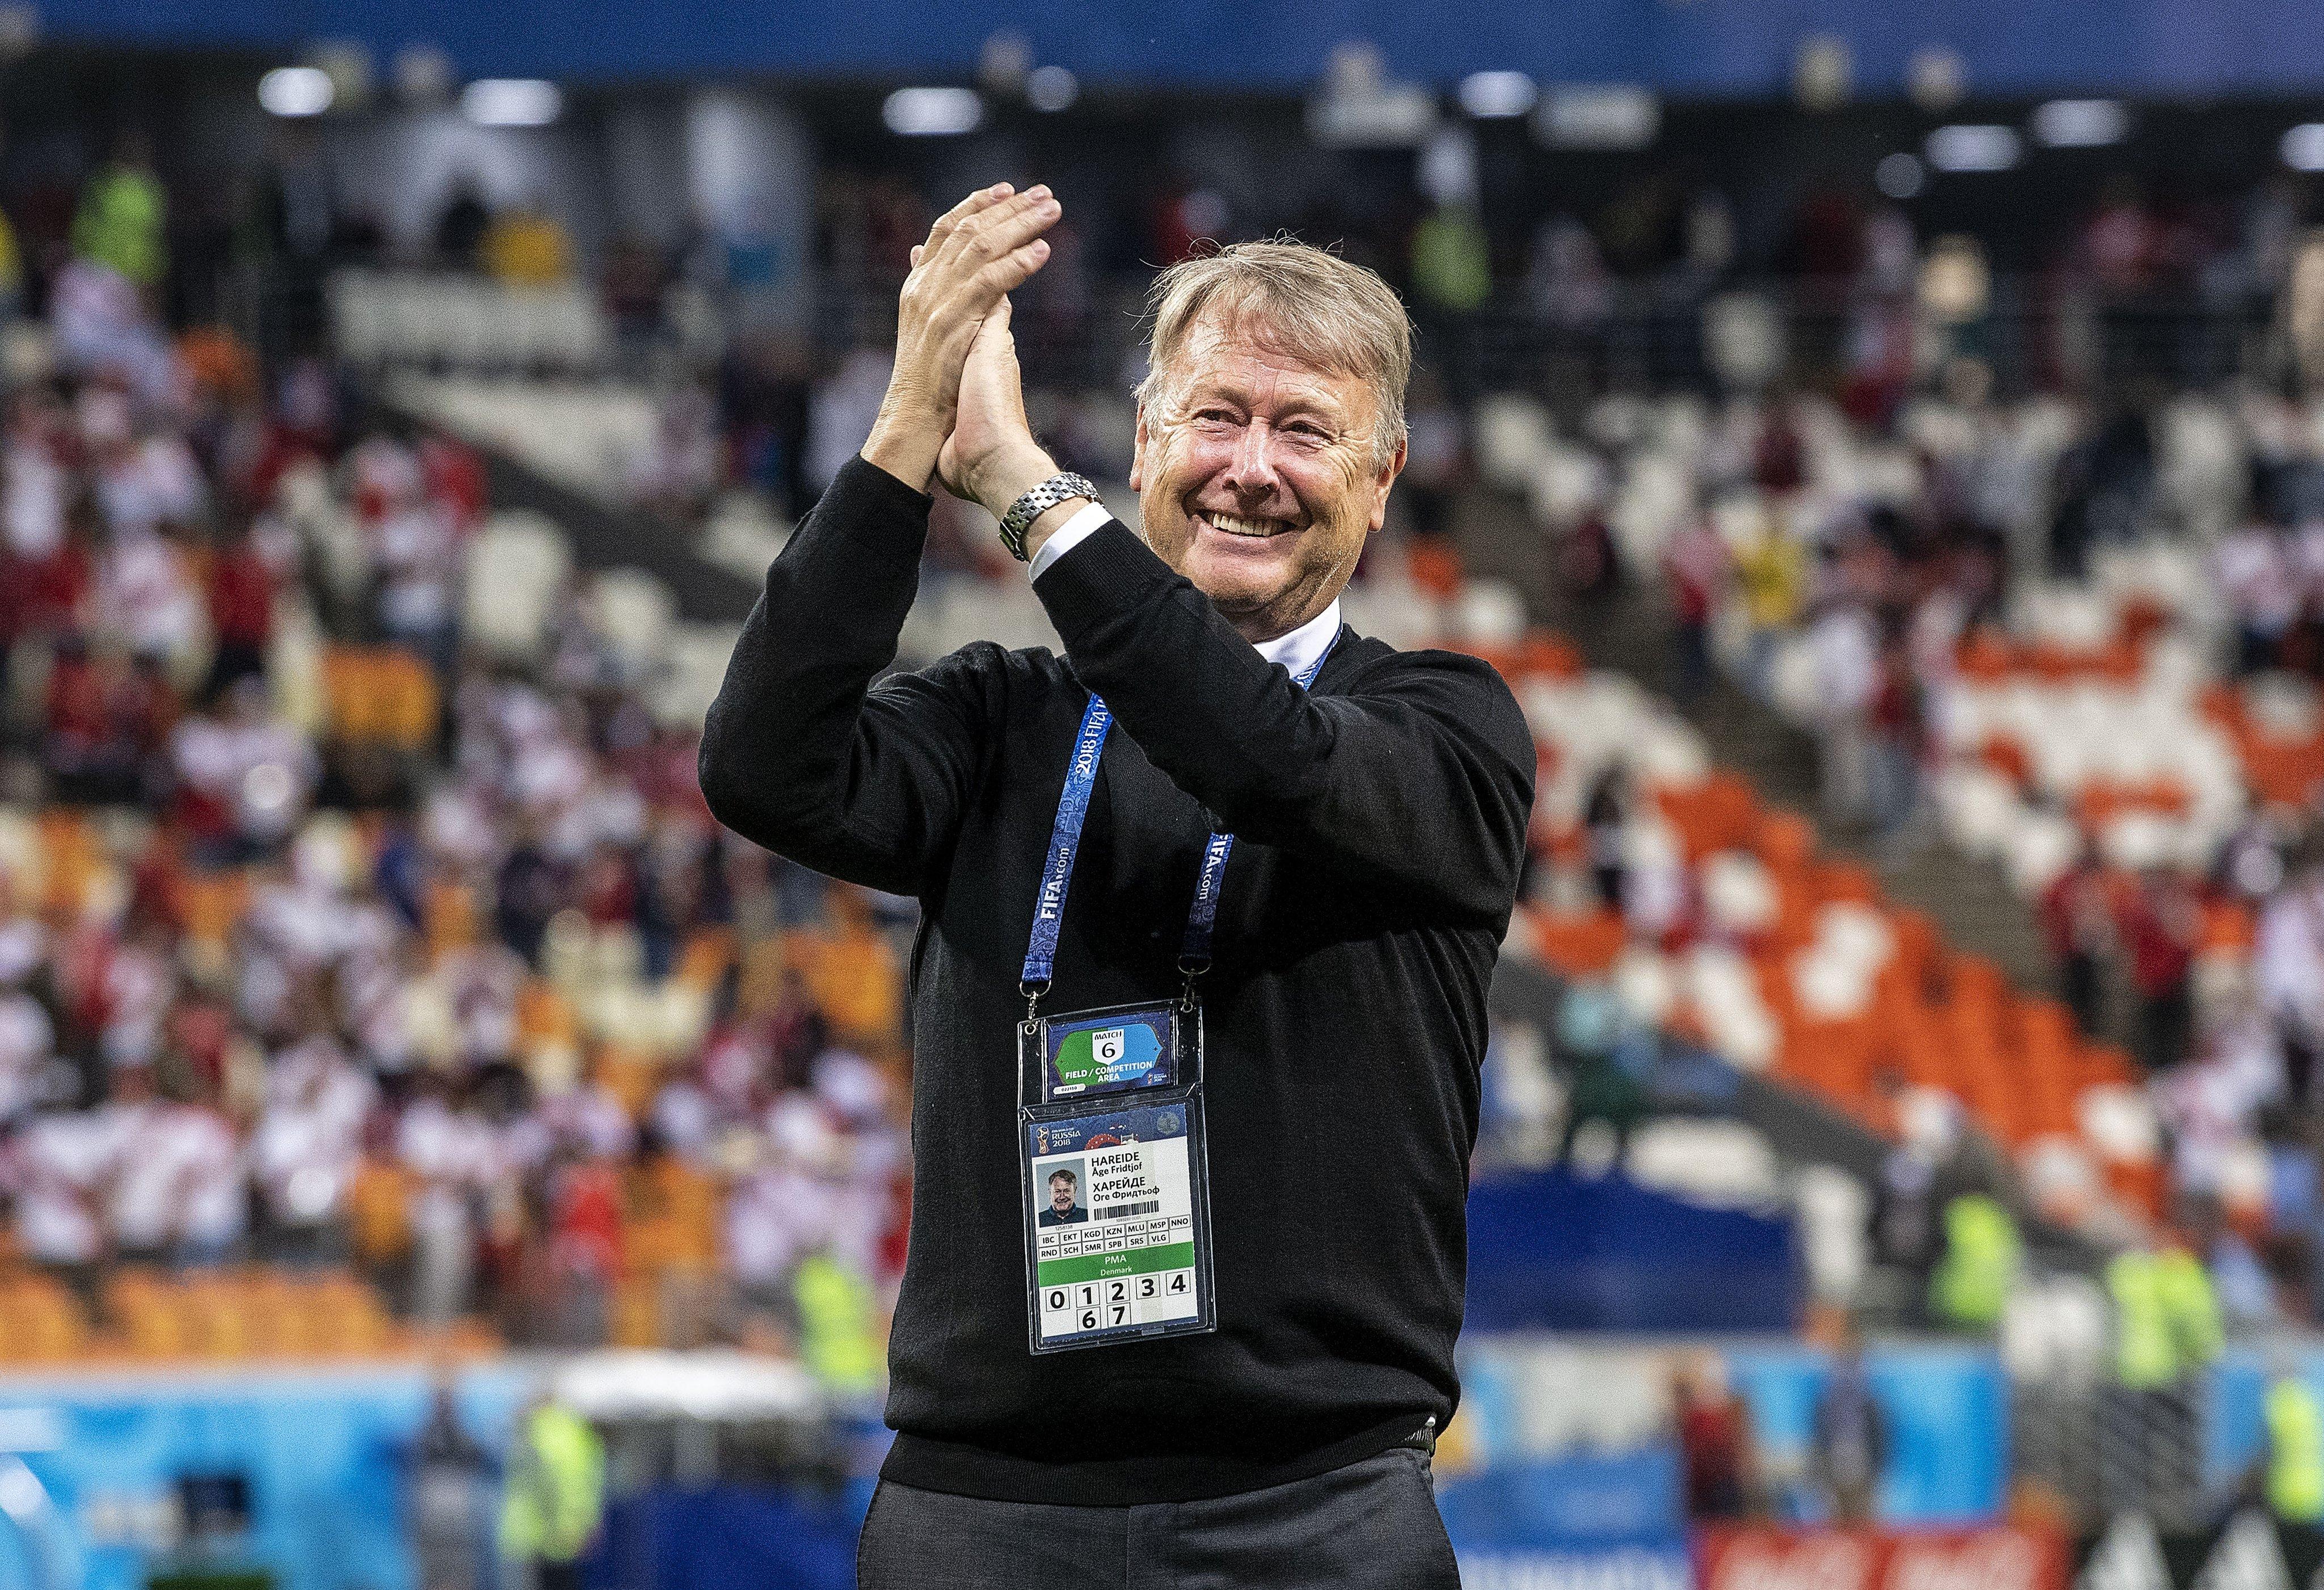 Тренер сборной Дании Оге Харейде оказался в необычной ситуации из-за переноса Евро на 2021 год - изображение 4